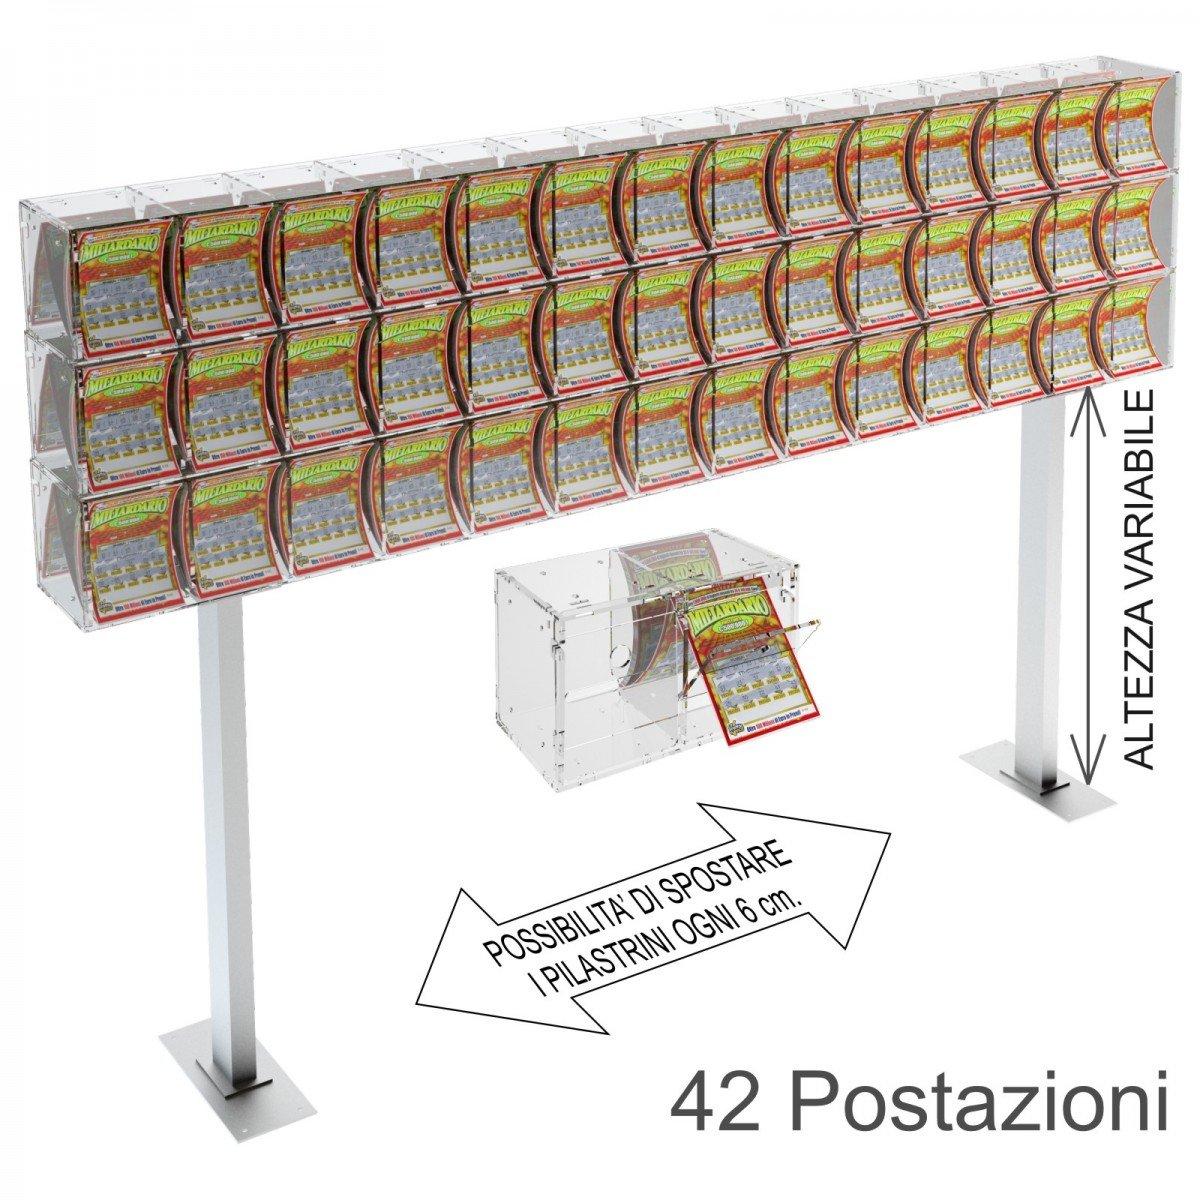 Espositore gratta e vinci da banco in plexiglass trasparente a 42 contenitori munito di sportellino frontale lato rivenditore